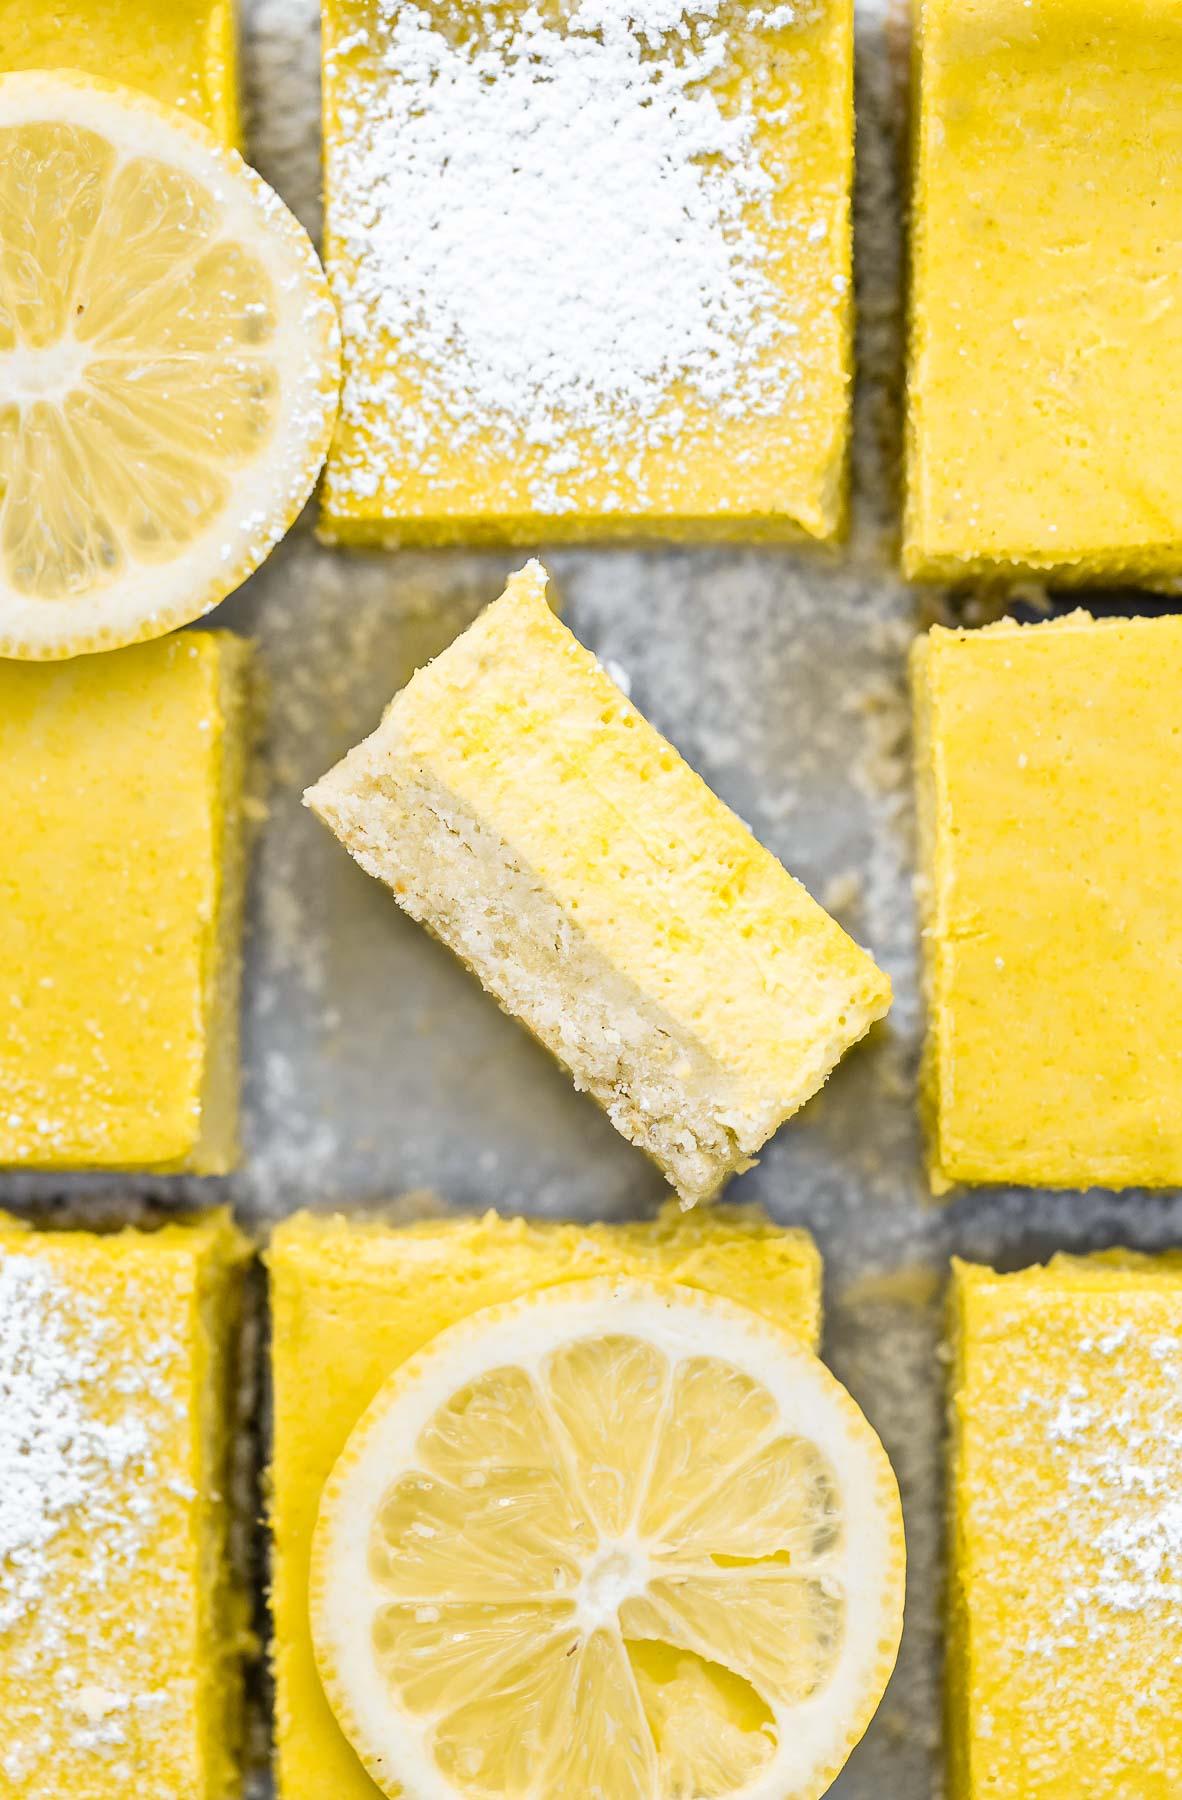 vegan lemon bars with sliced lemons on top